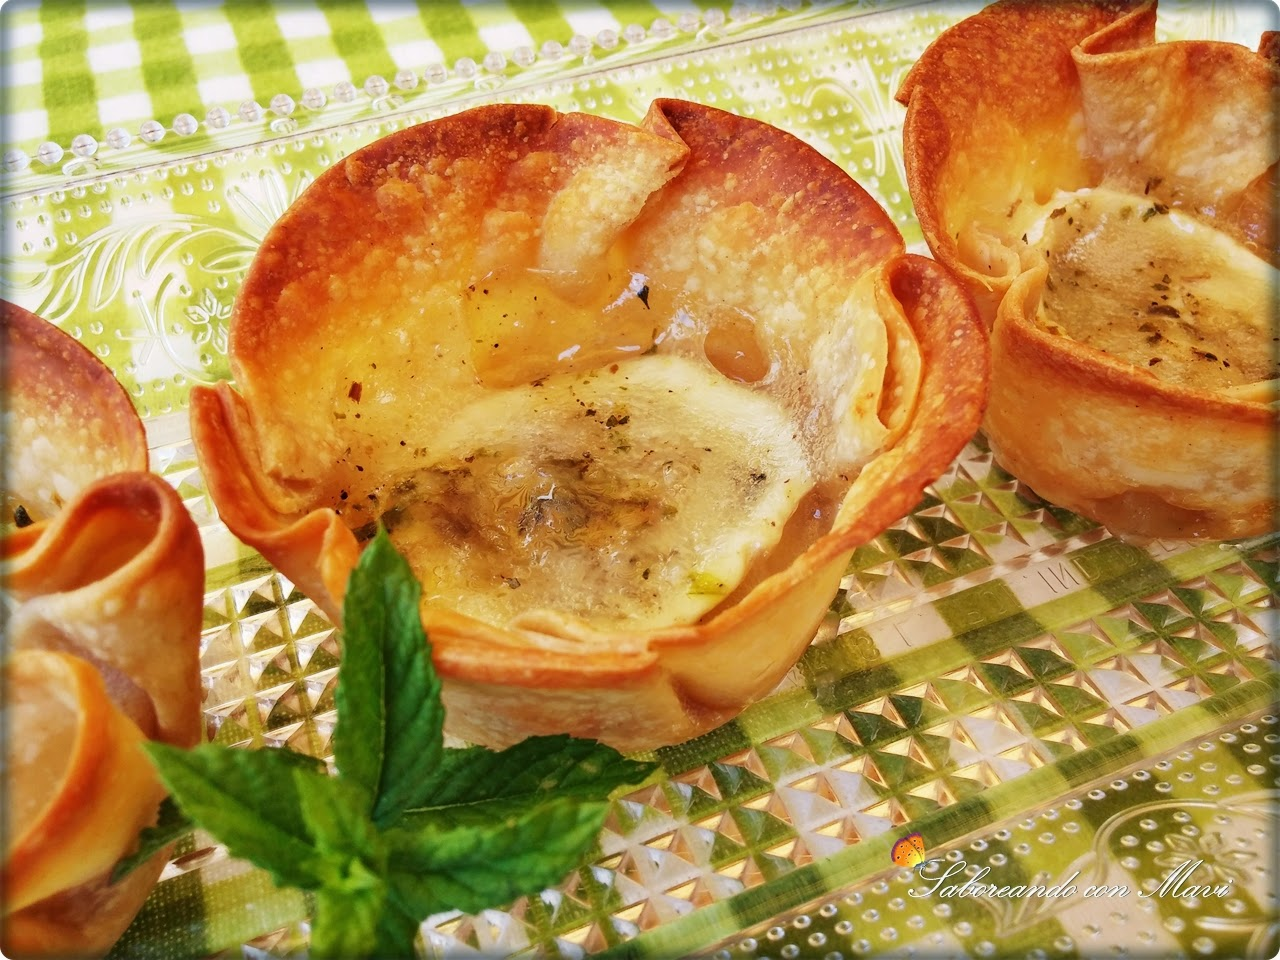 Tartaletas com queso de cabra y mermelada de cebolla